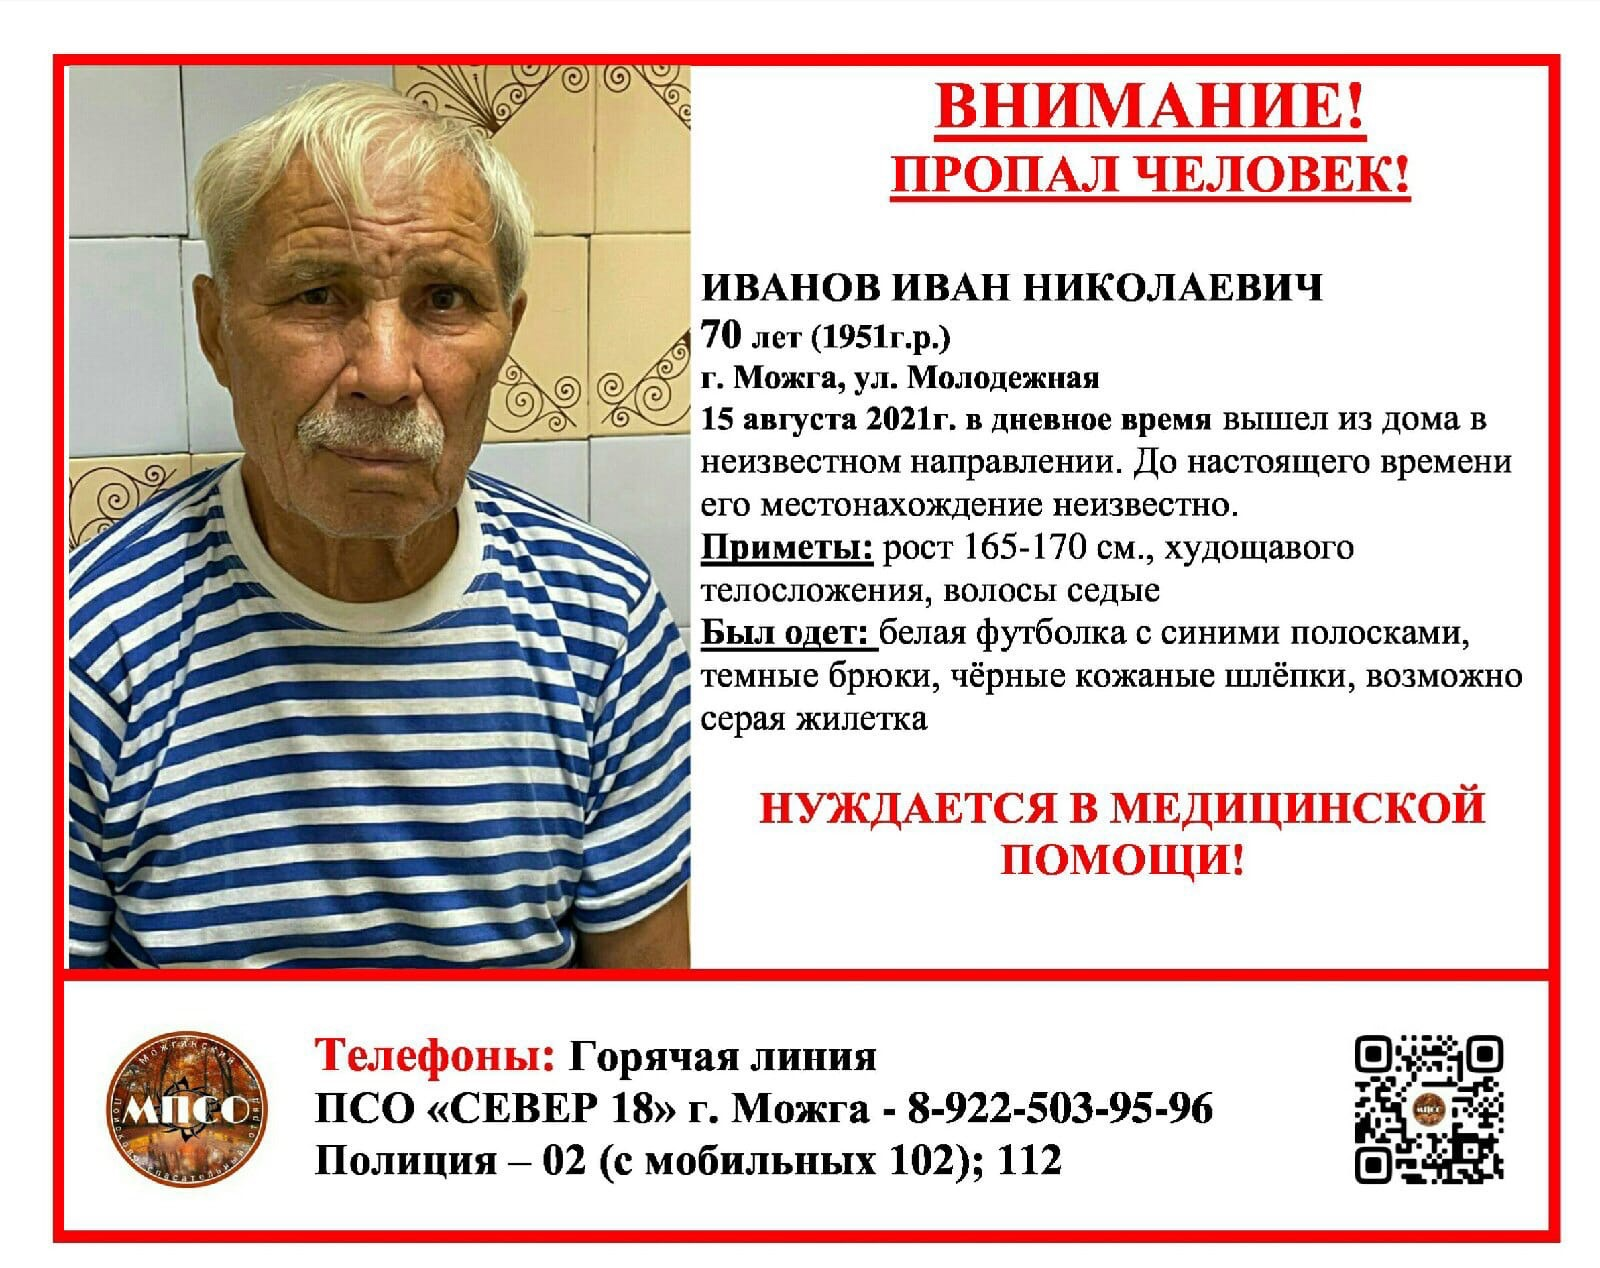 Продолжаются поиски Иванова Ивана Николаевича!Пенсионер ушёл из